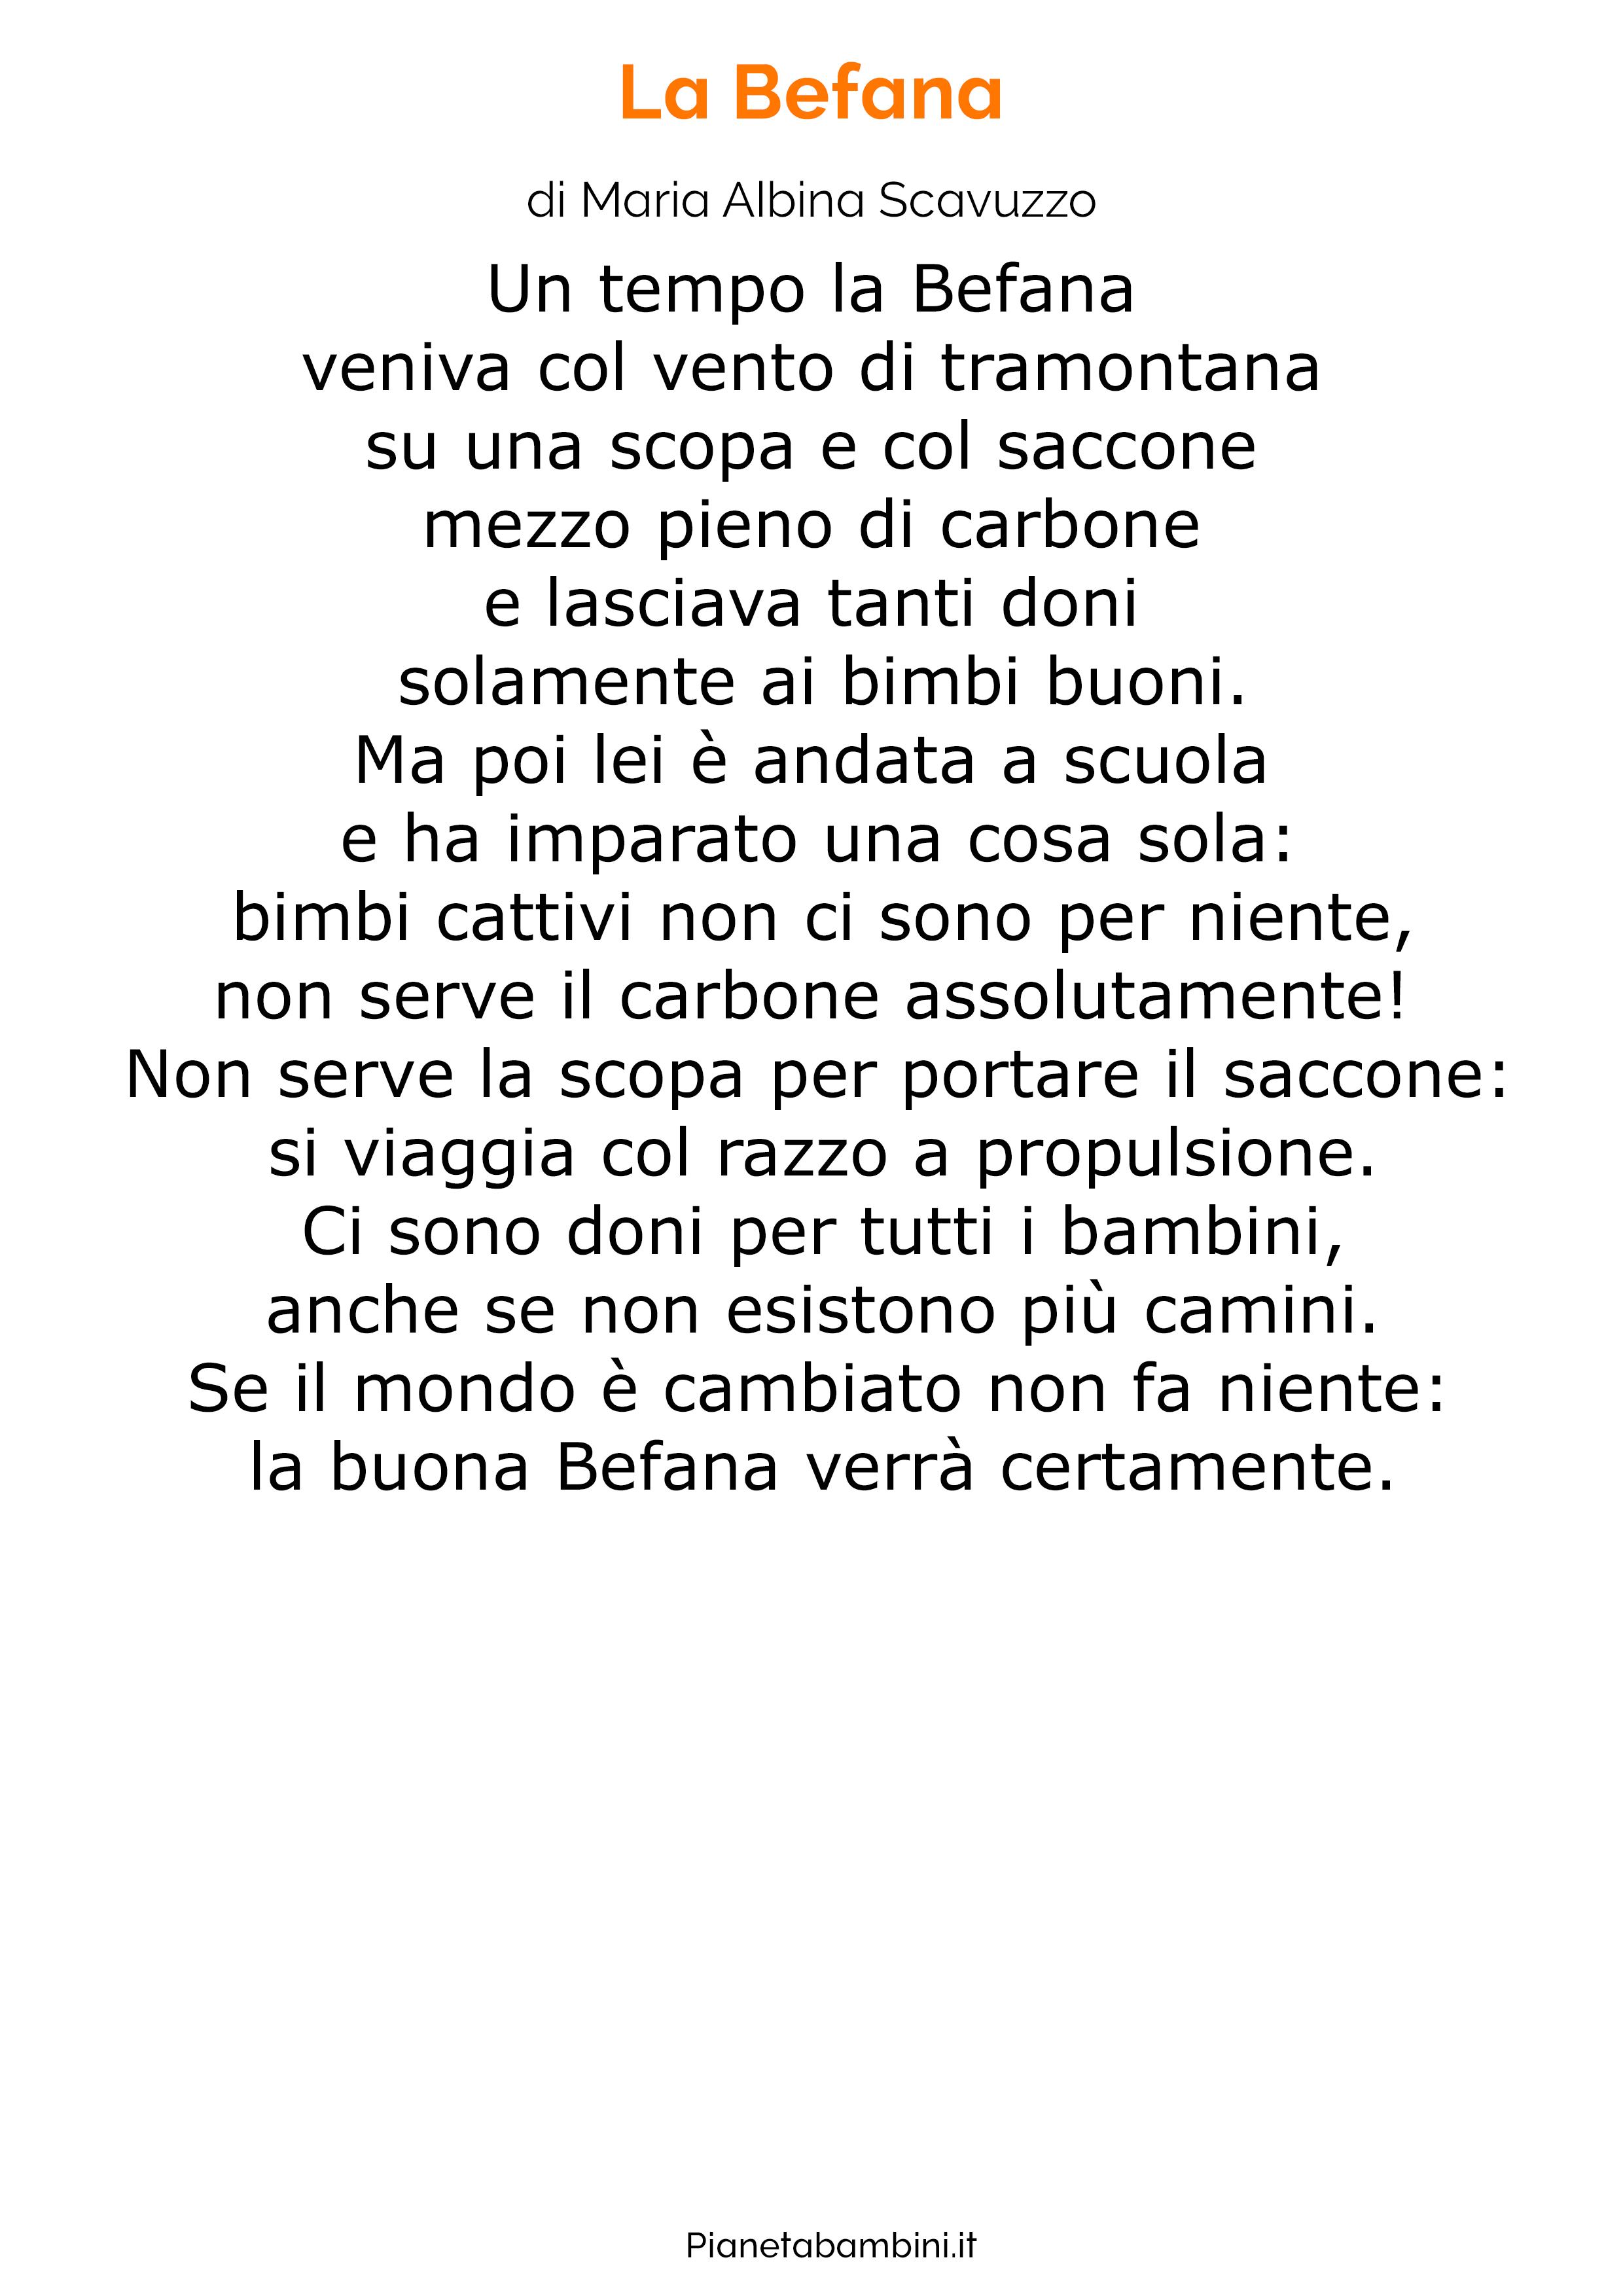 Poesia sulla Befana 20